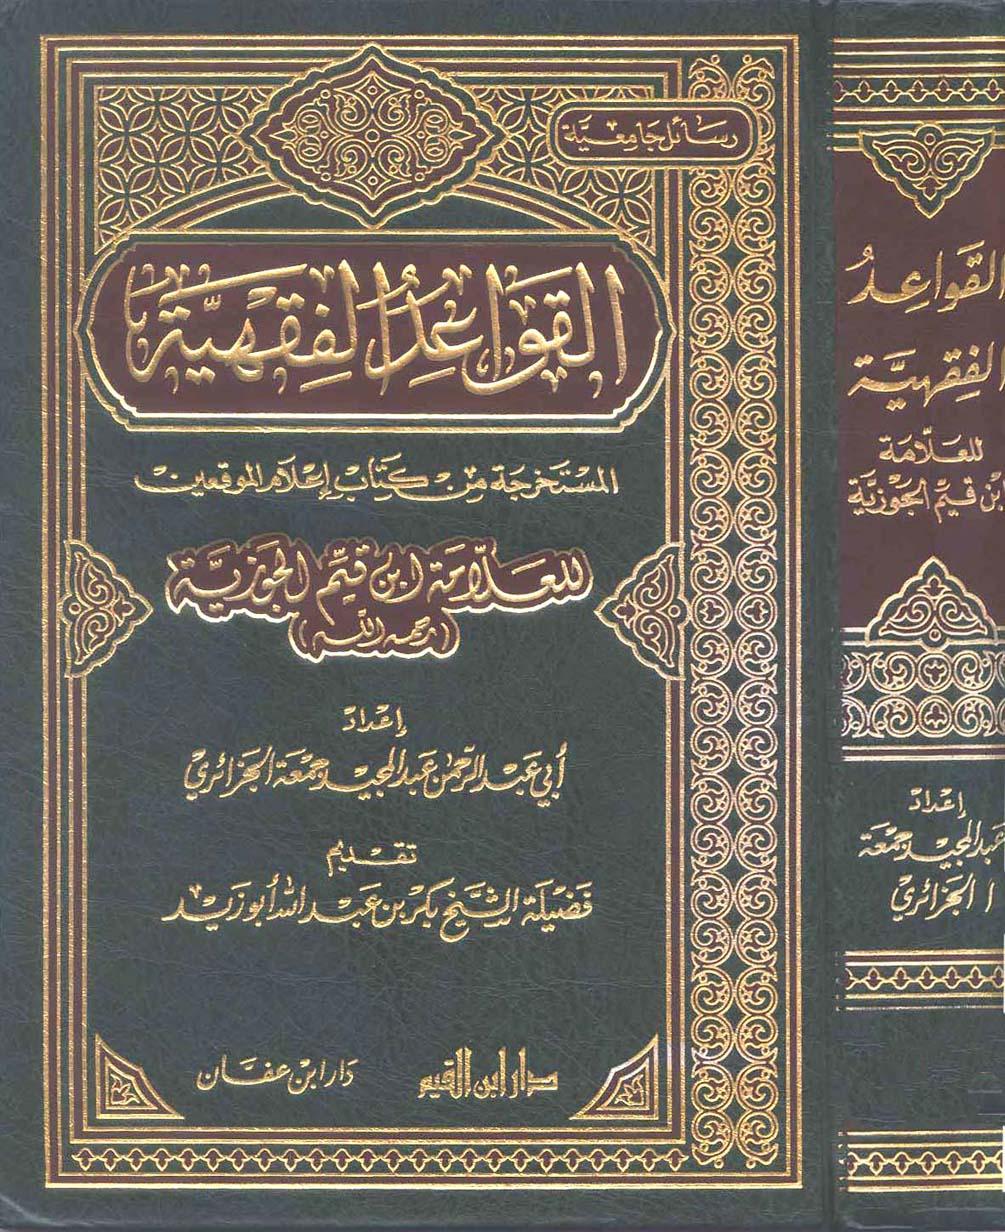 القواعد الفقهية المستخرجة من كتاب إعلام الموقعين pdf أبو عبد الرحمن الجزائري